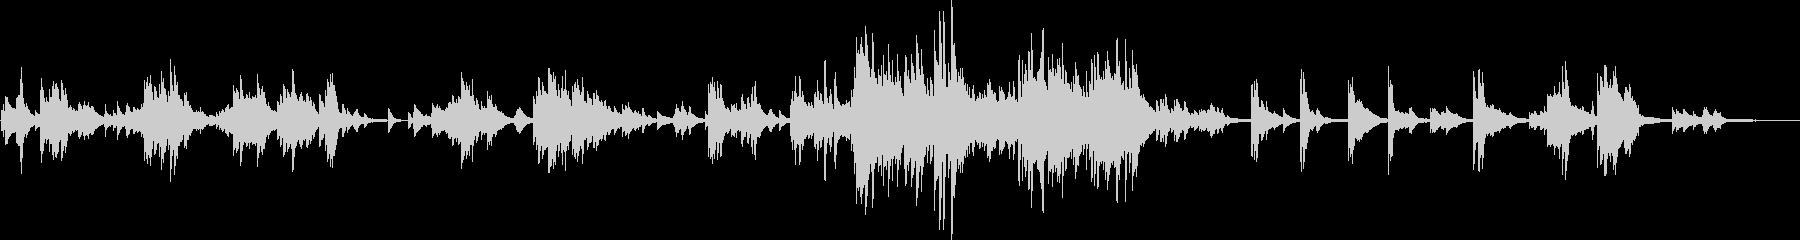 感動的な美しいピアノバラード(温かい)の未再生の波形